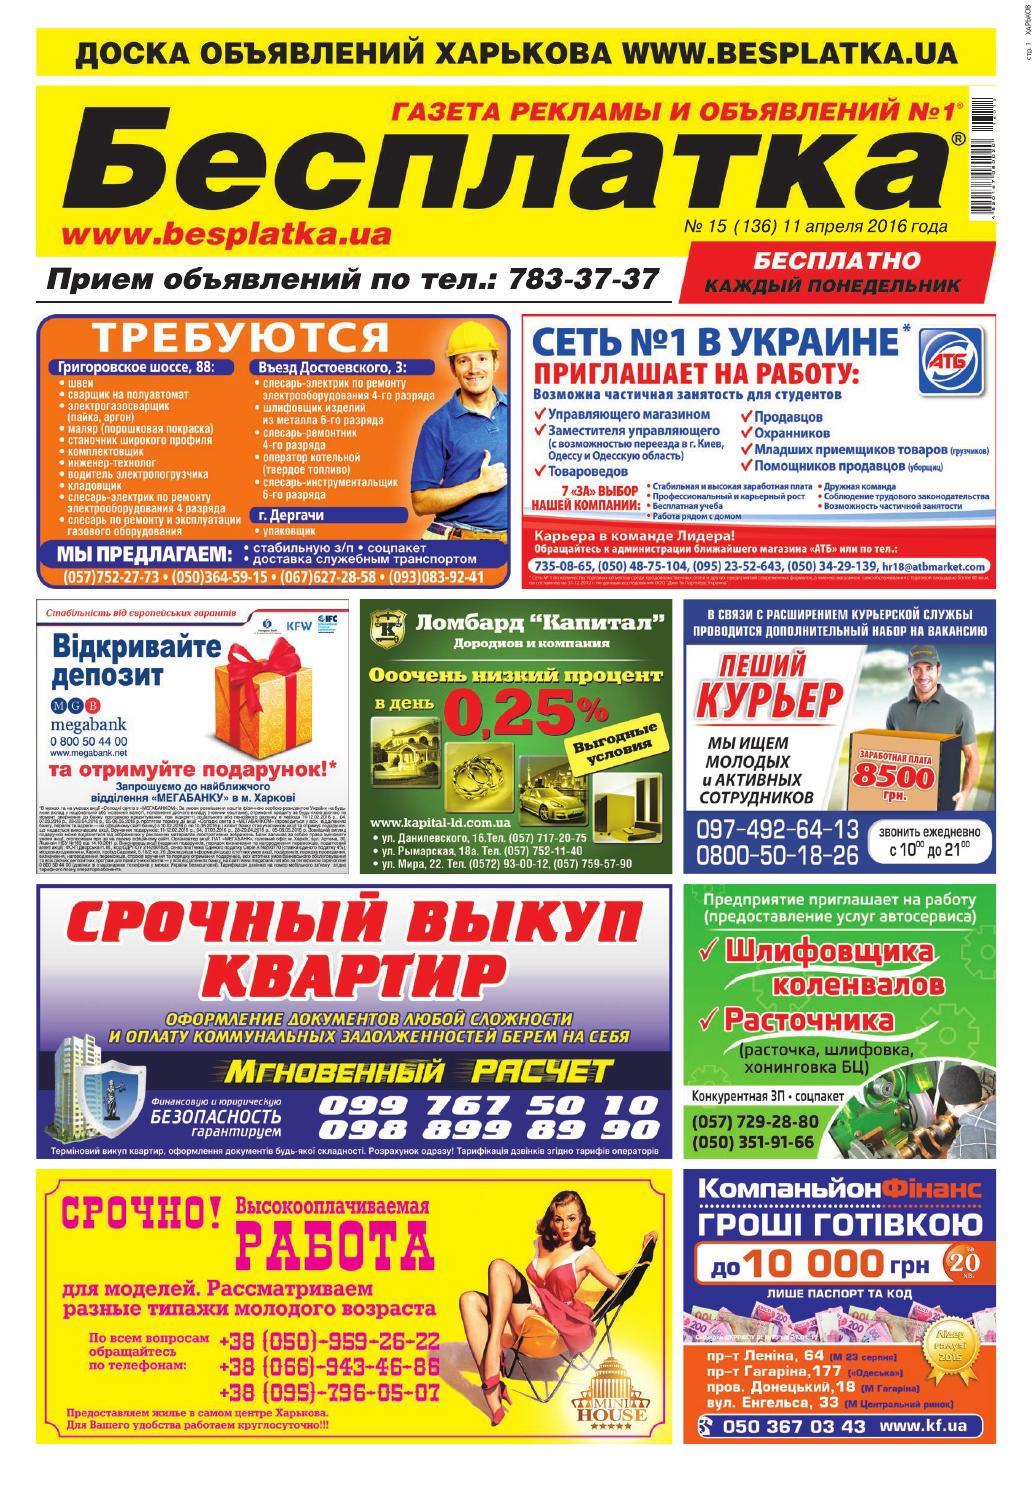 2f3708ddafc79 Besplatka #15 Харьков by besplatka ukraine - issuu